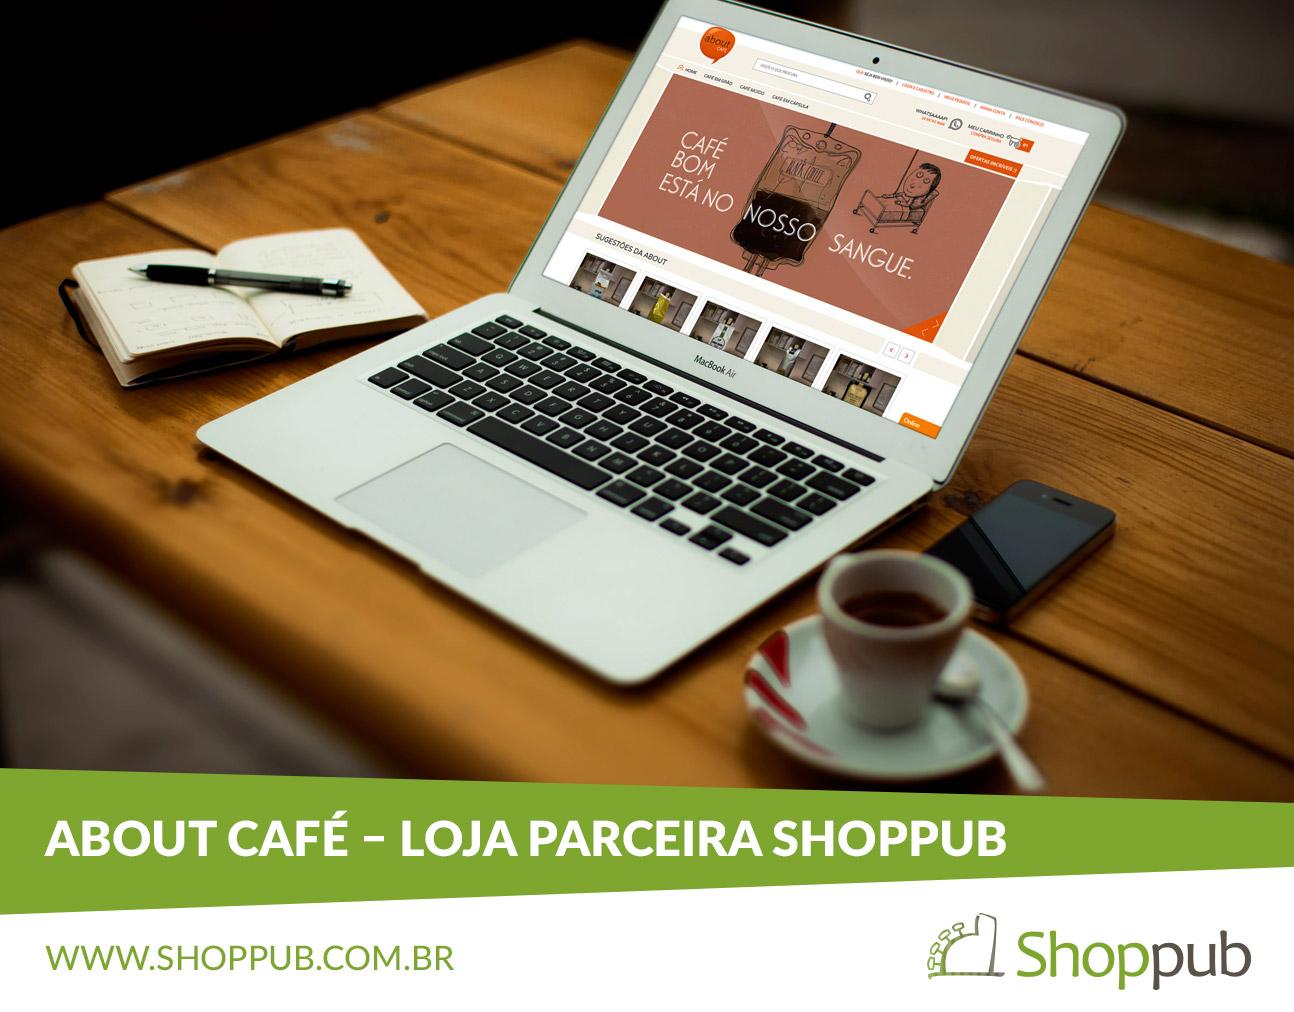 About Café – Loja Parceira Shoppub - Blog Shoppub f9a755d45c61e